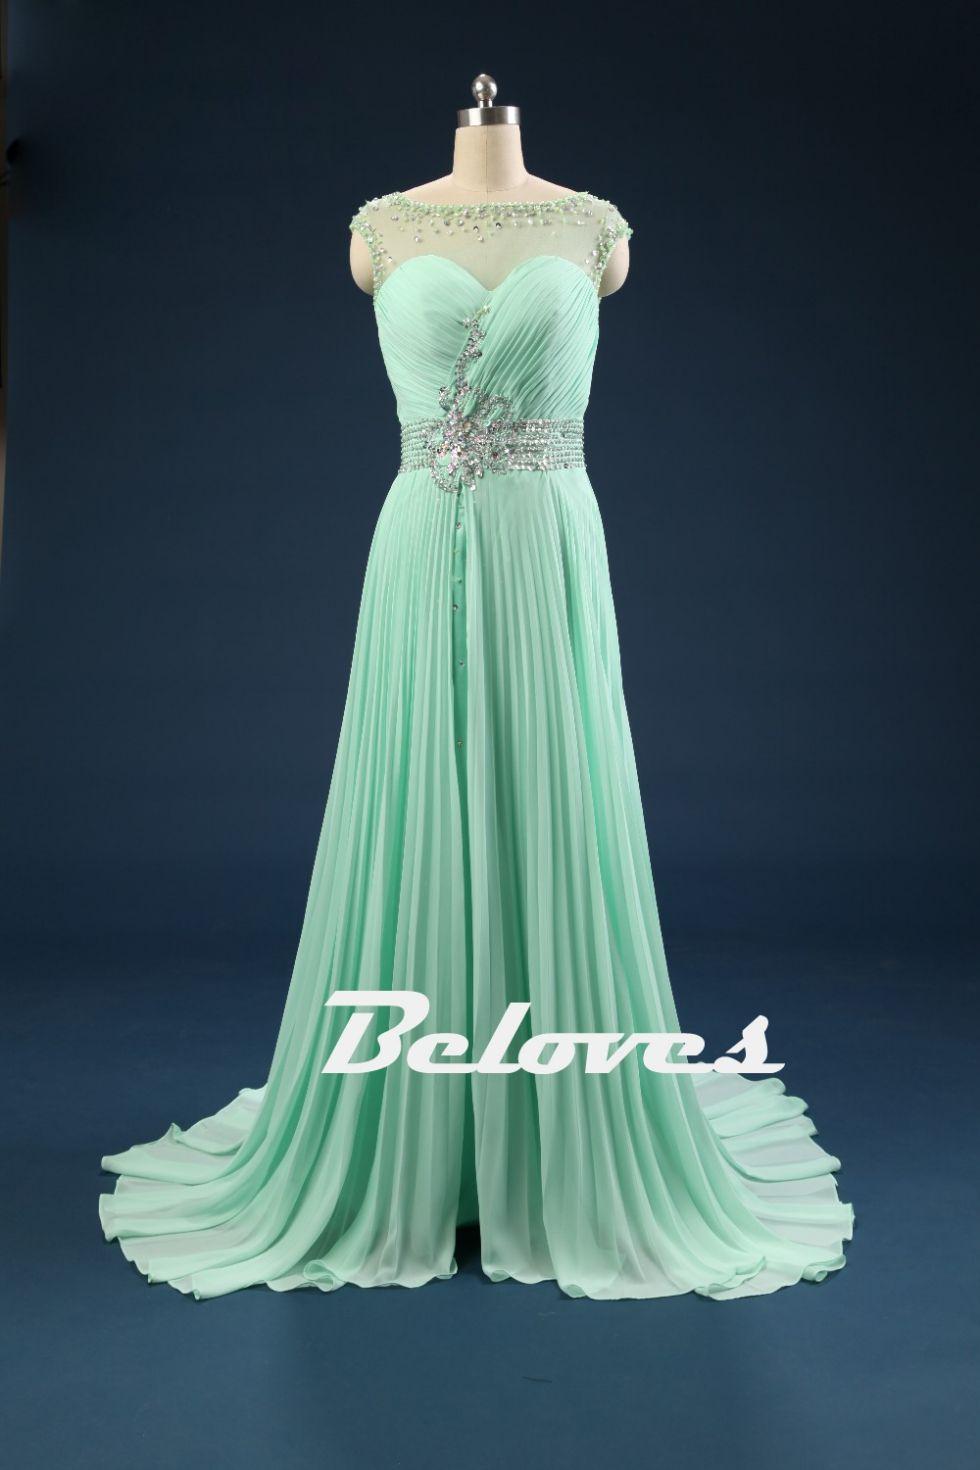 Green dress prom  Prom Dress Green Dress Chiffon Dress Pleated Dress Green Prom